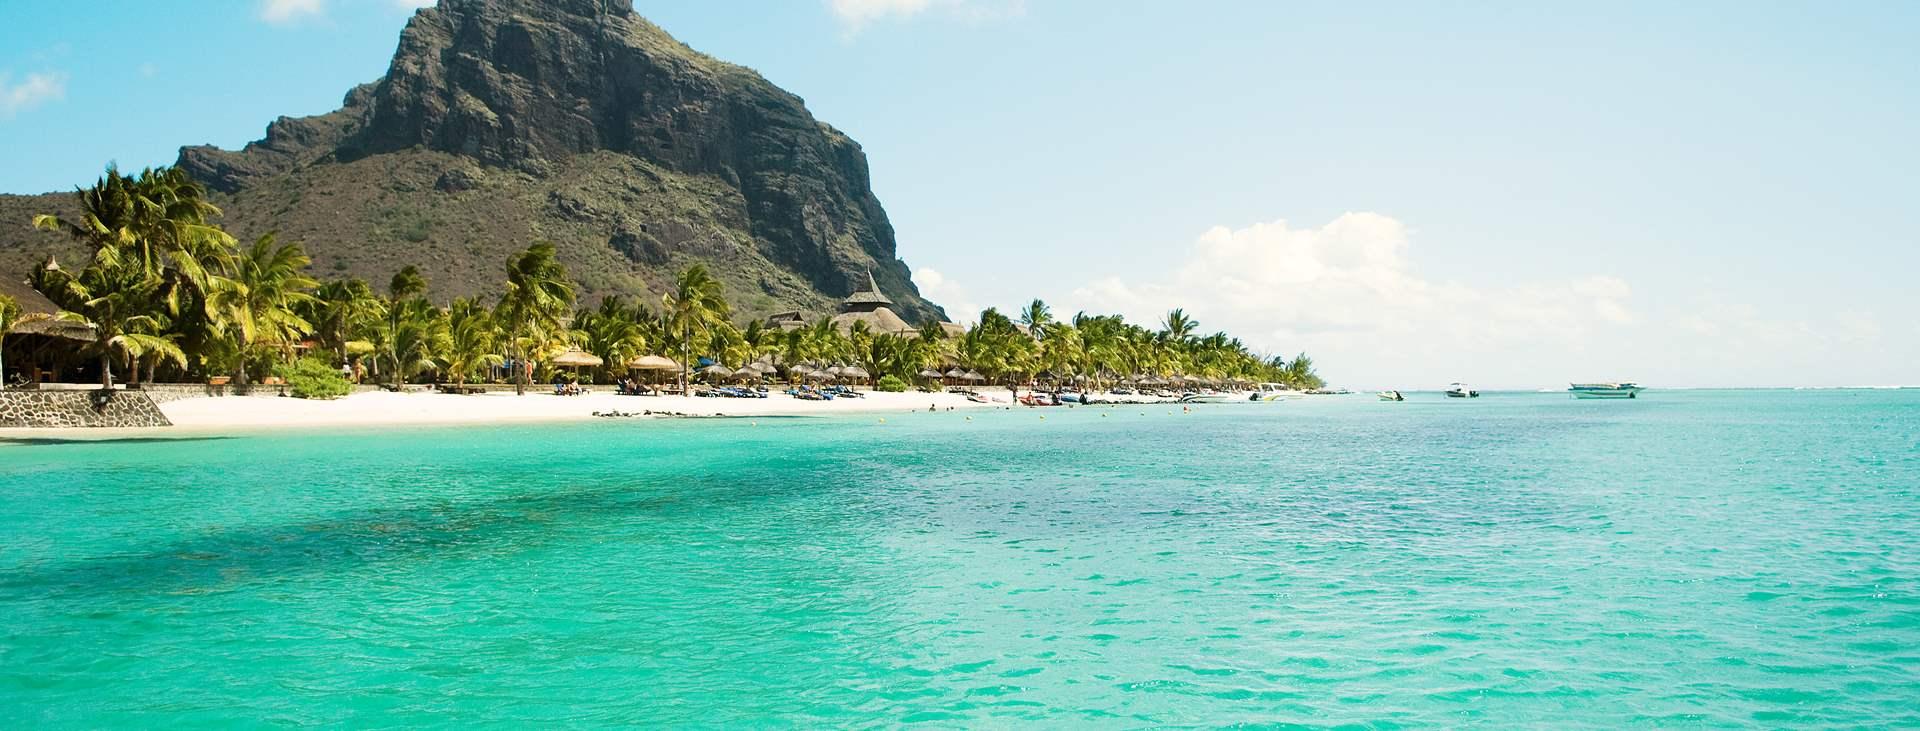 Bestill en reise med All Inclusive til Mauritius